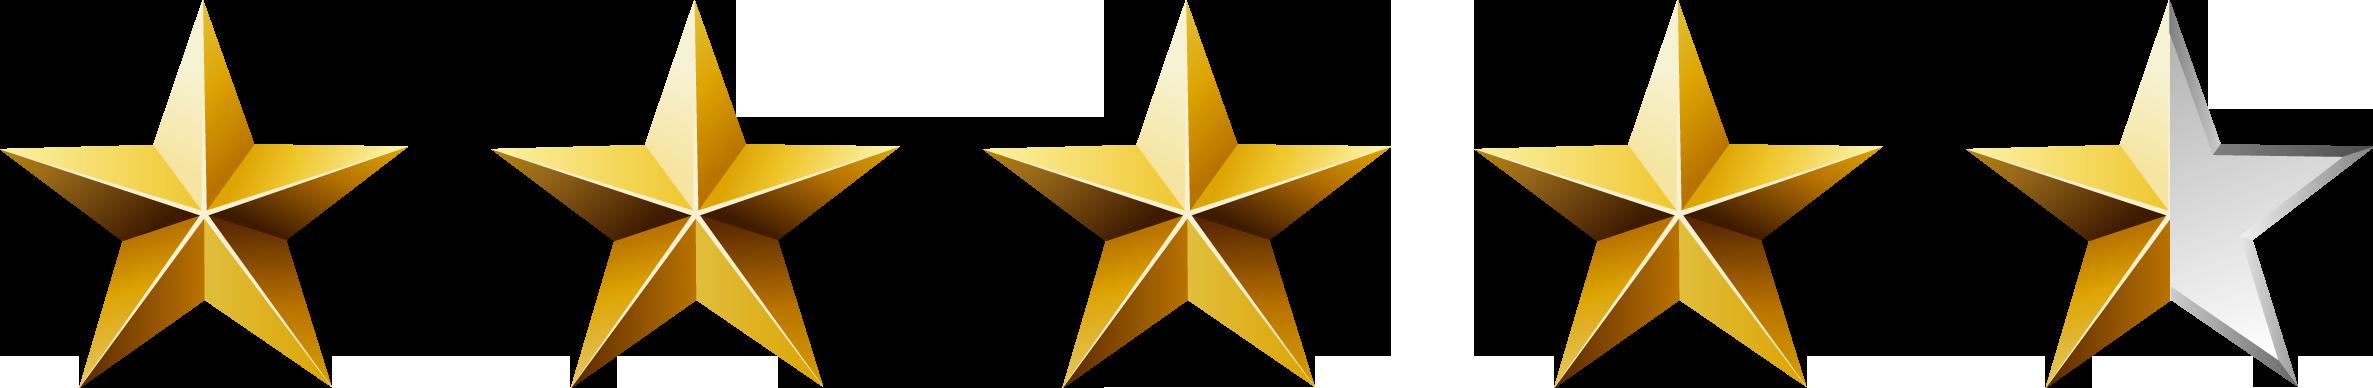 4.5-5 Star Ratings